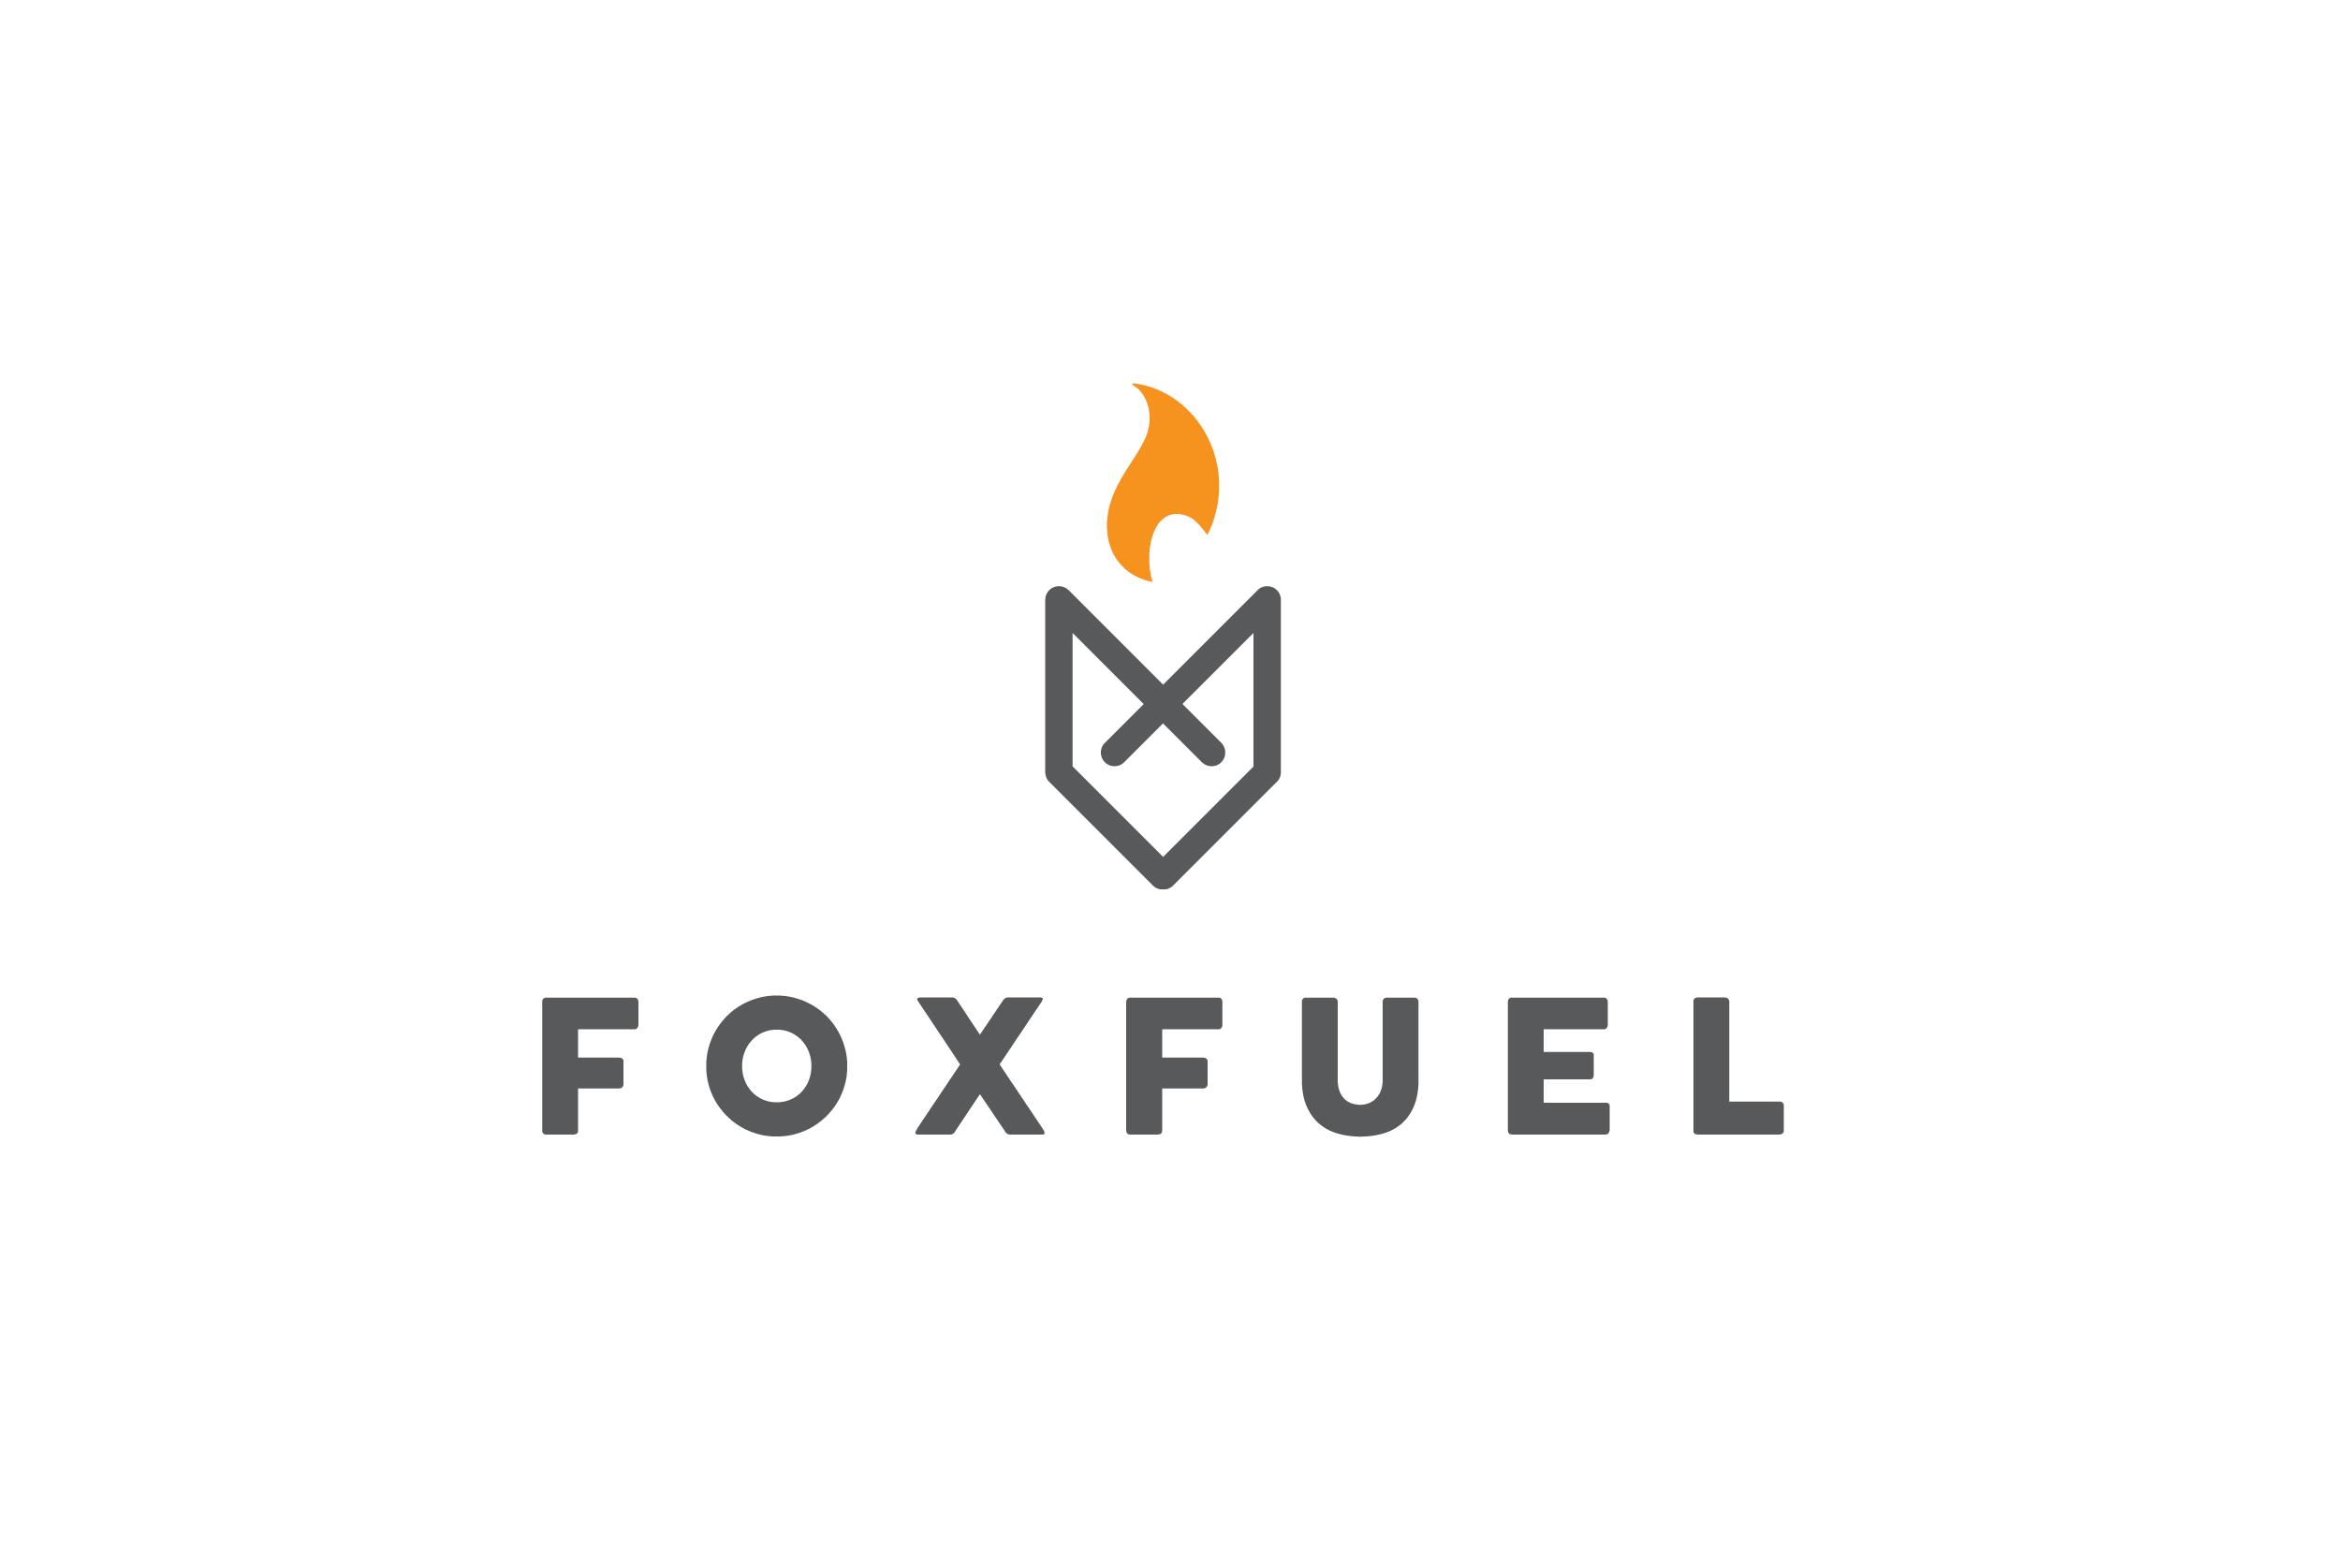 FoxFuel Creative